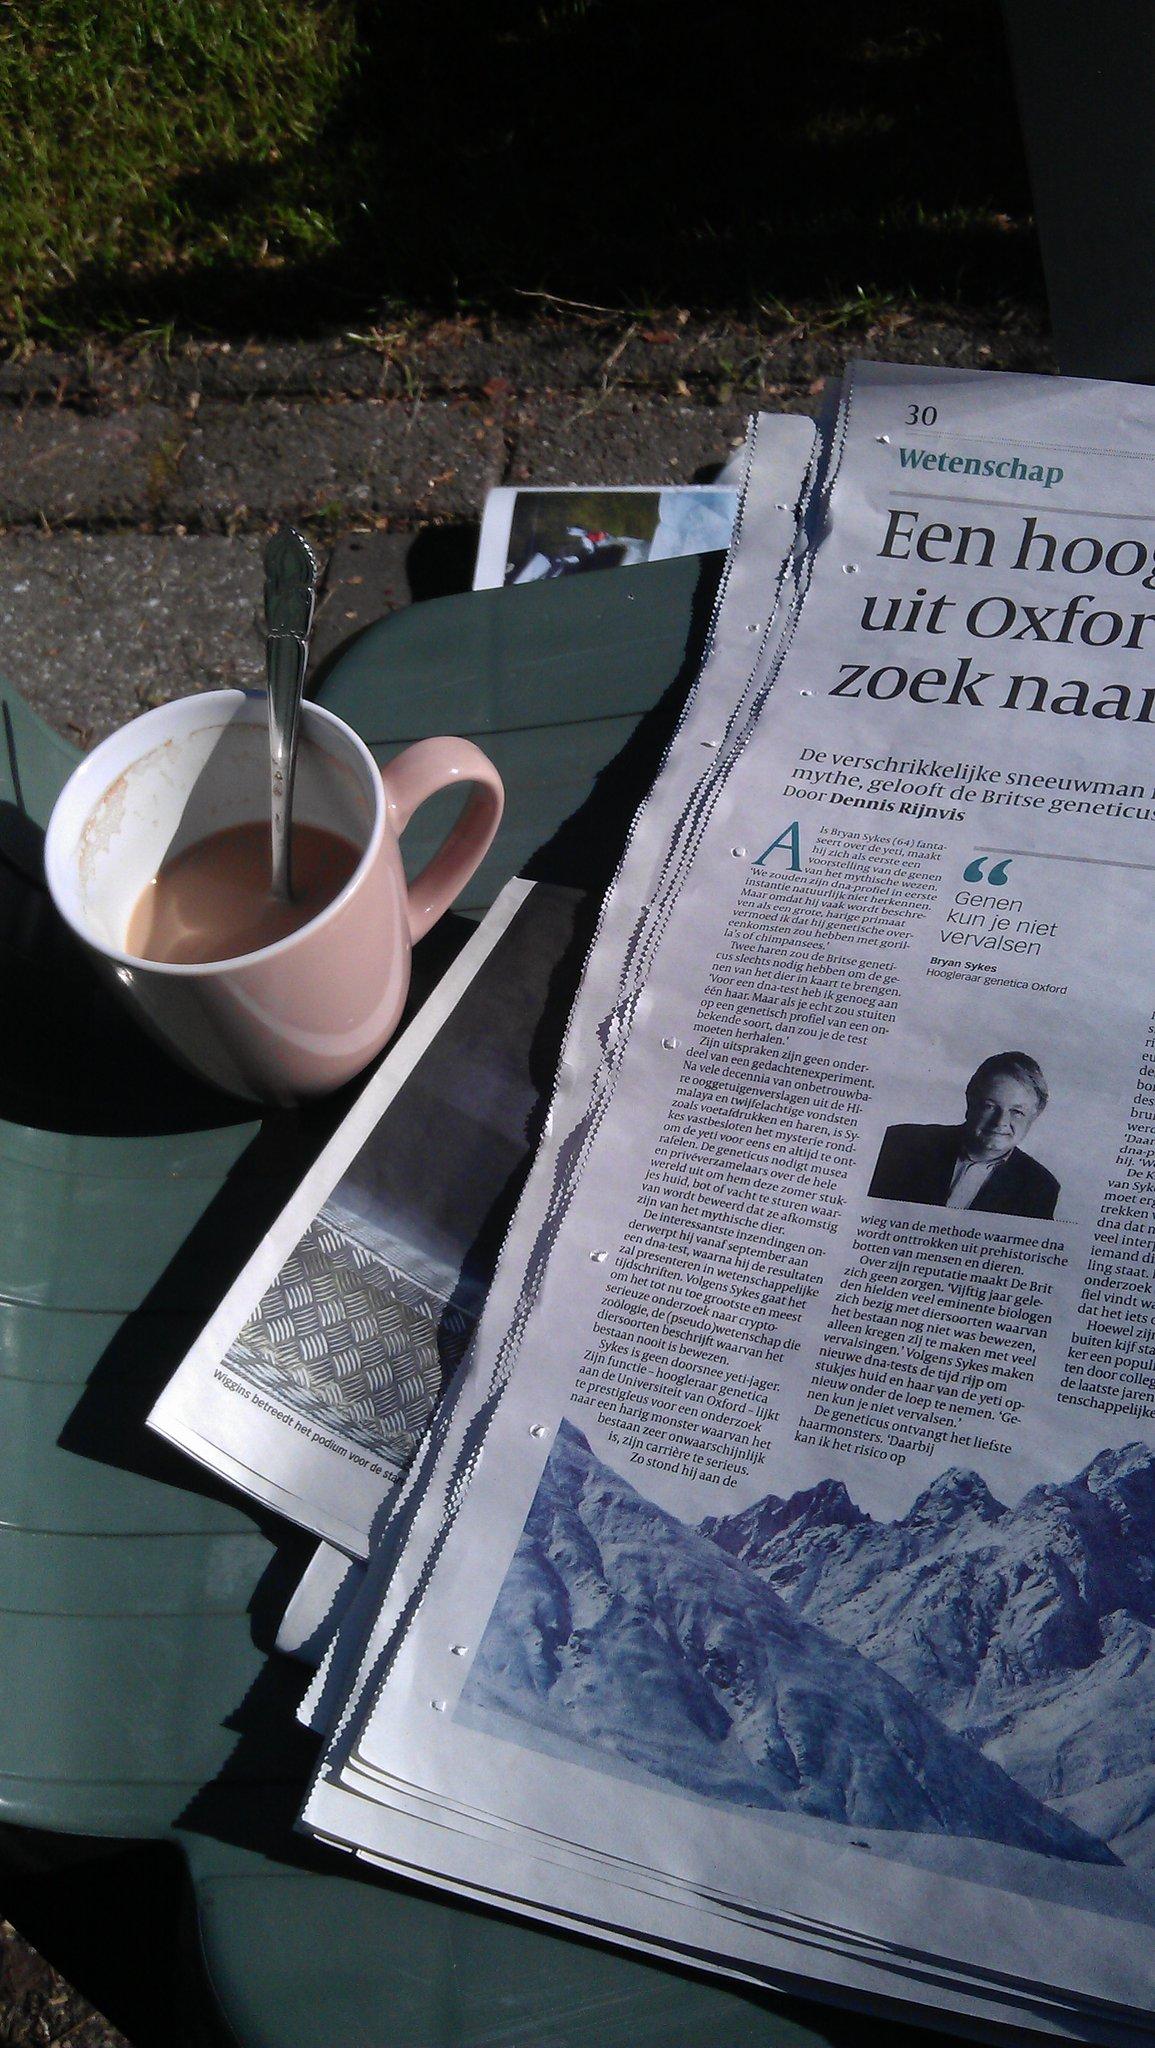 Volkskrant, koffie en zon. En dat allemaal in de tuin van mijn lief. Veel beter dan dit wordt het niet... #gelukkig http://t.co/aEH0WDpP